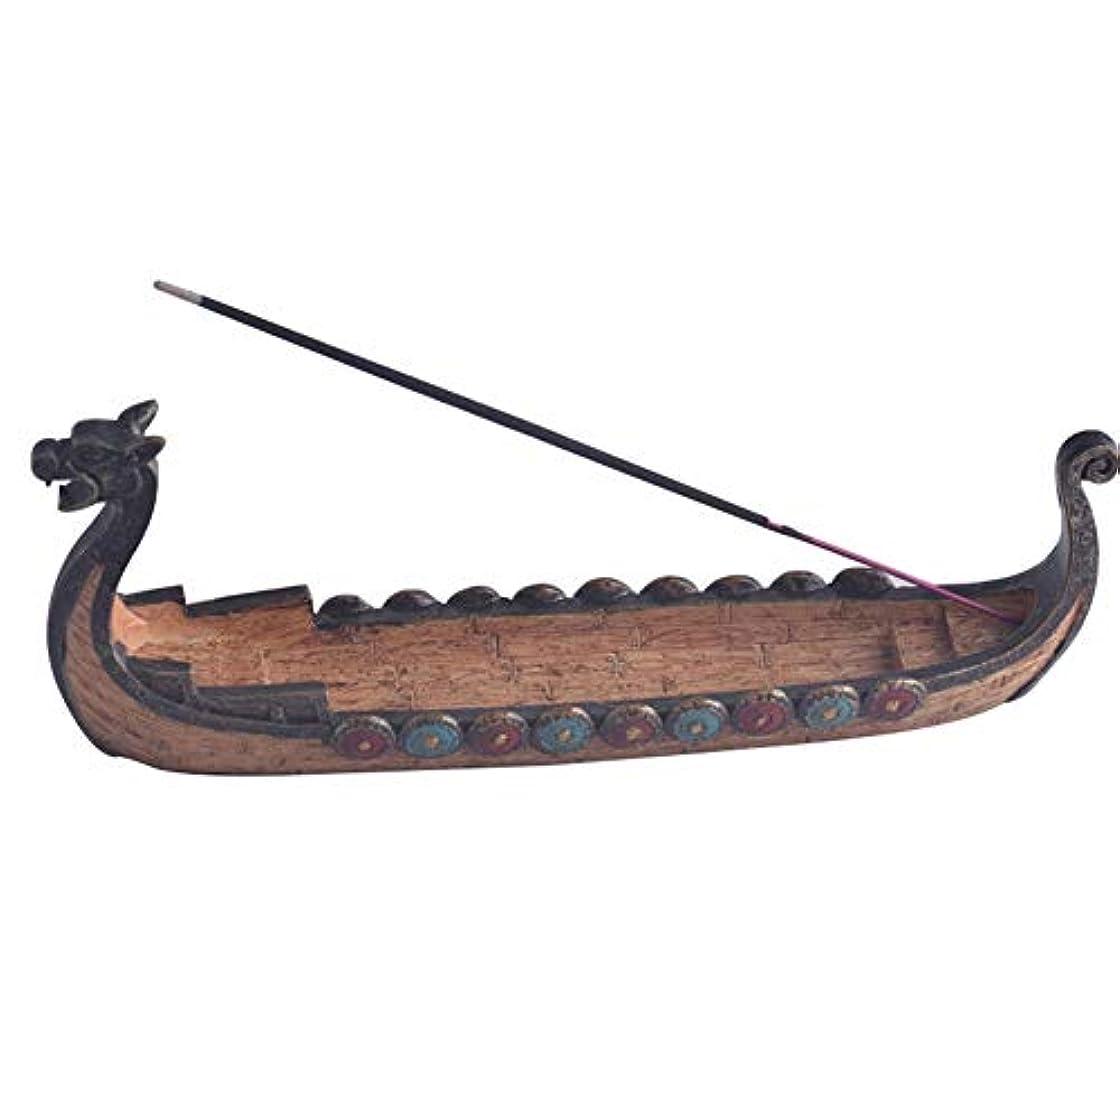 講義恩赦建物Tenflyer スティック香中国の伝統的な家の装飾のためのドラゴンボート型香炉